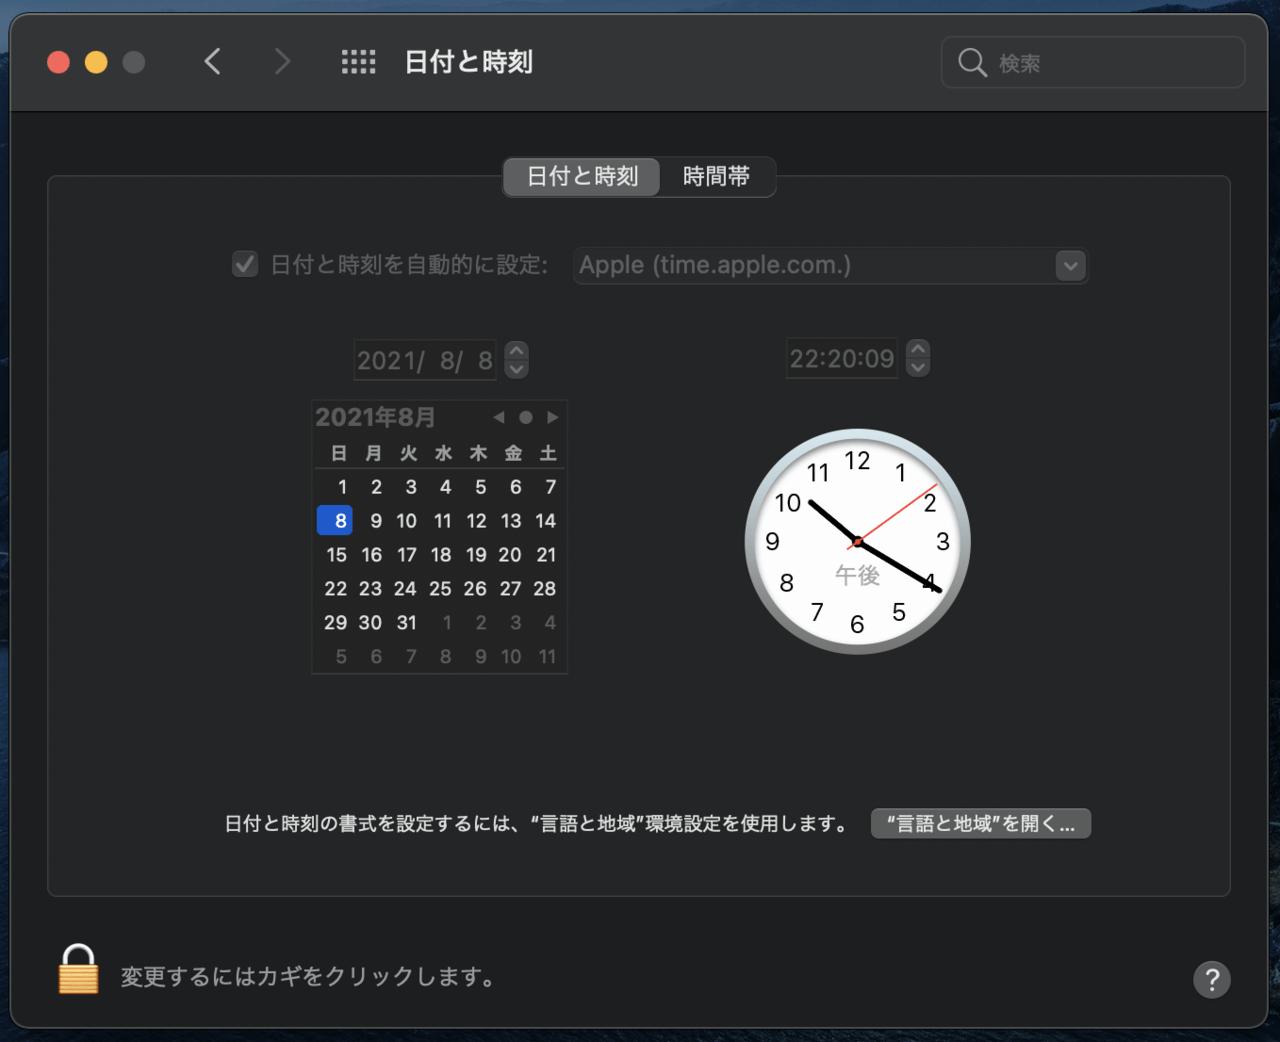 日付と時刻の設定